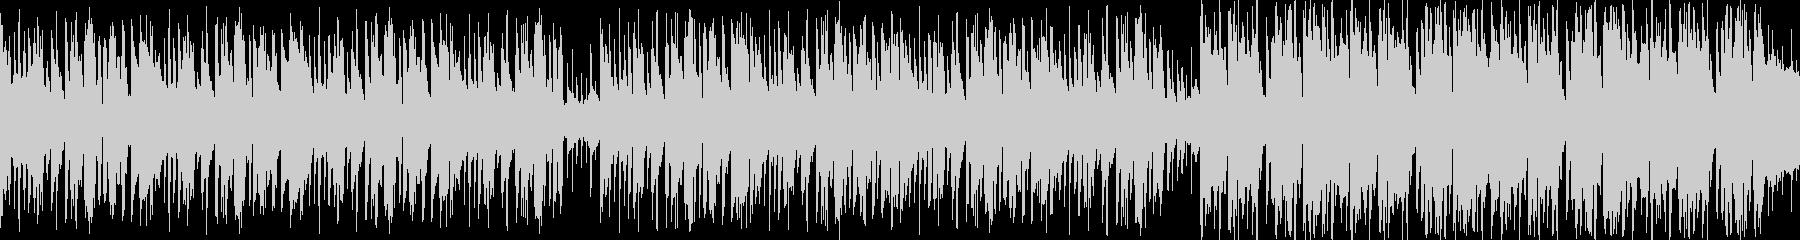 麻雀/リーチ/EDM/ループの未再生の波形